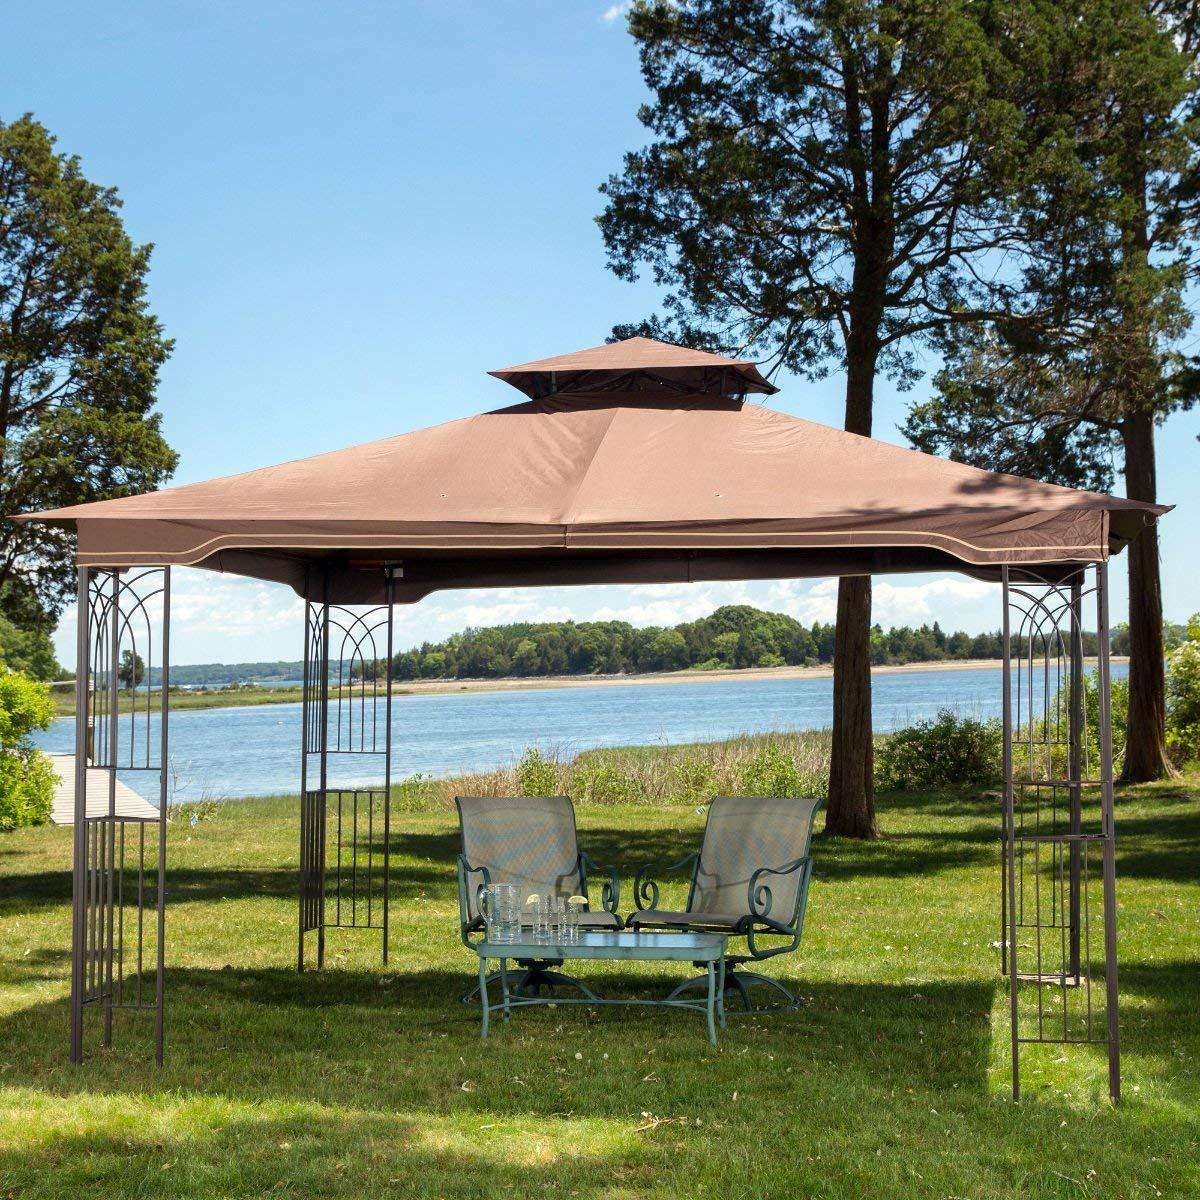 Sunjoy L Gz798pst E Regency Ii Gazebo With Mosquito Netting Garden Gazebo Outdoor Gazebos Gazebo Canopy